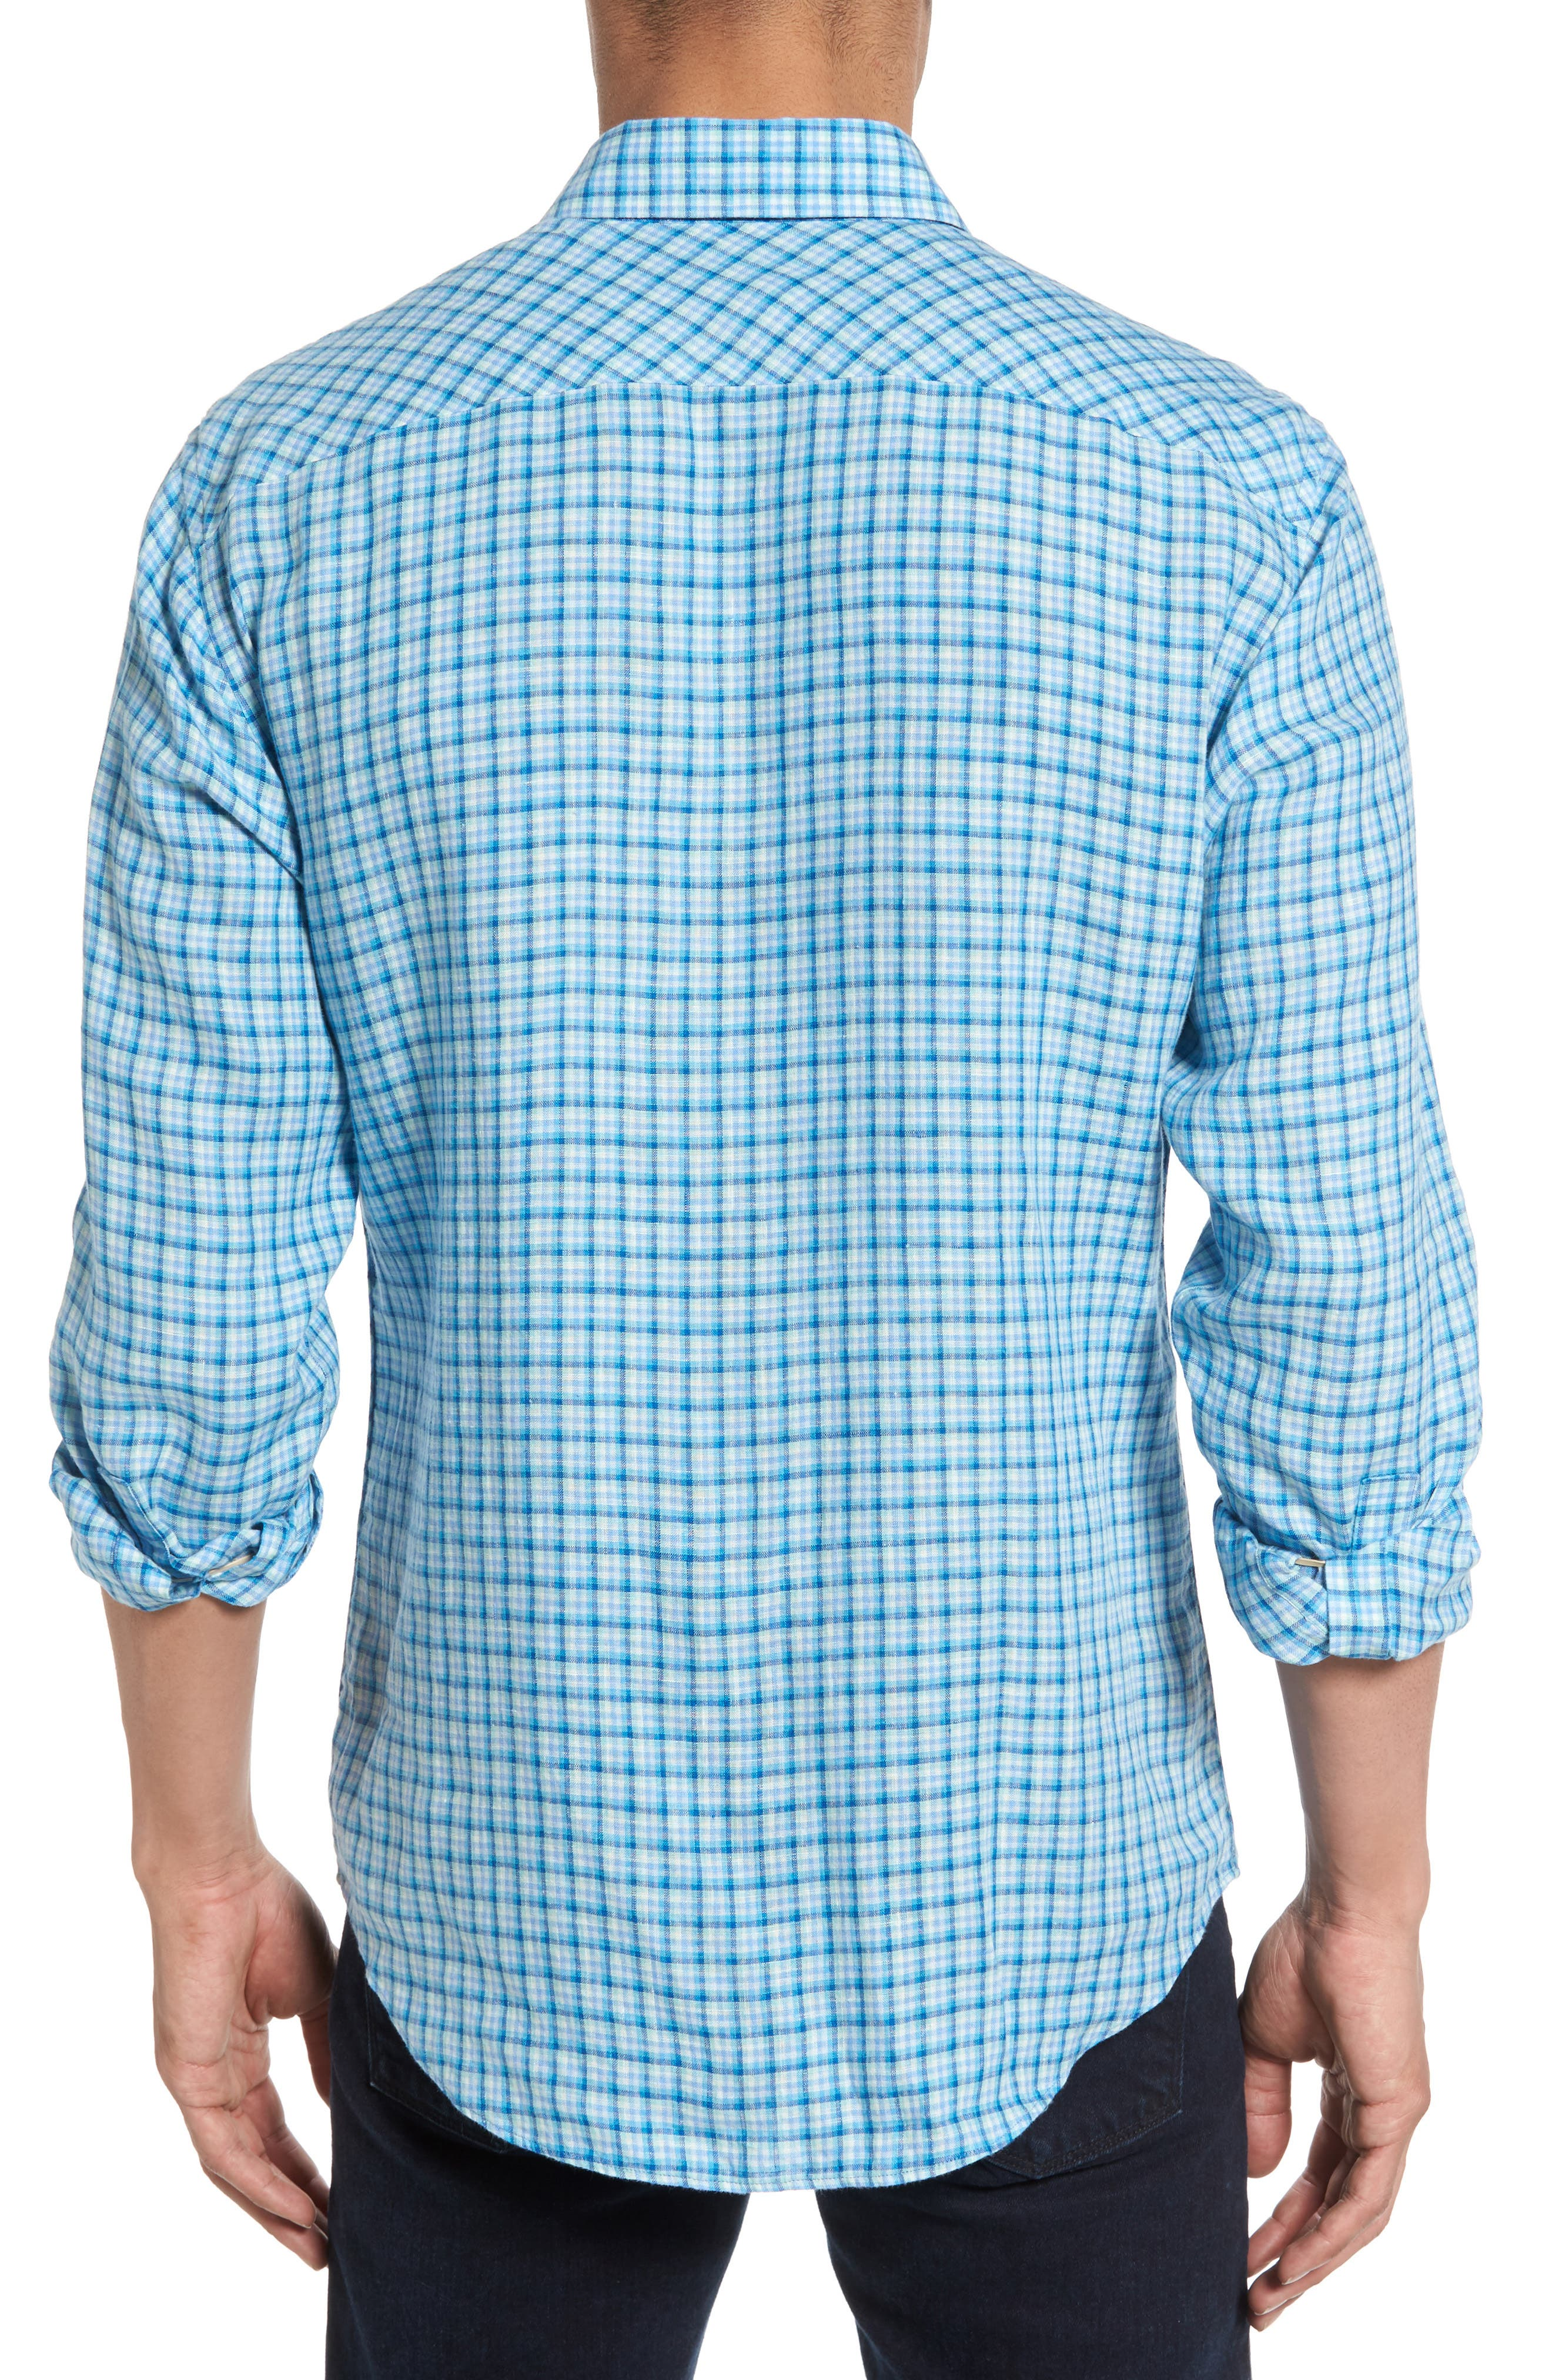 Althoff Plaid Linen Sport Shirt,                             Alternate thumbnail 3, color,